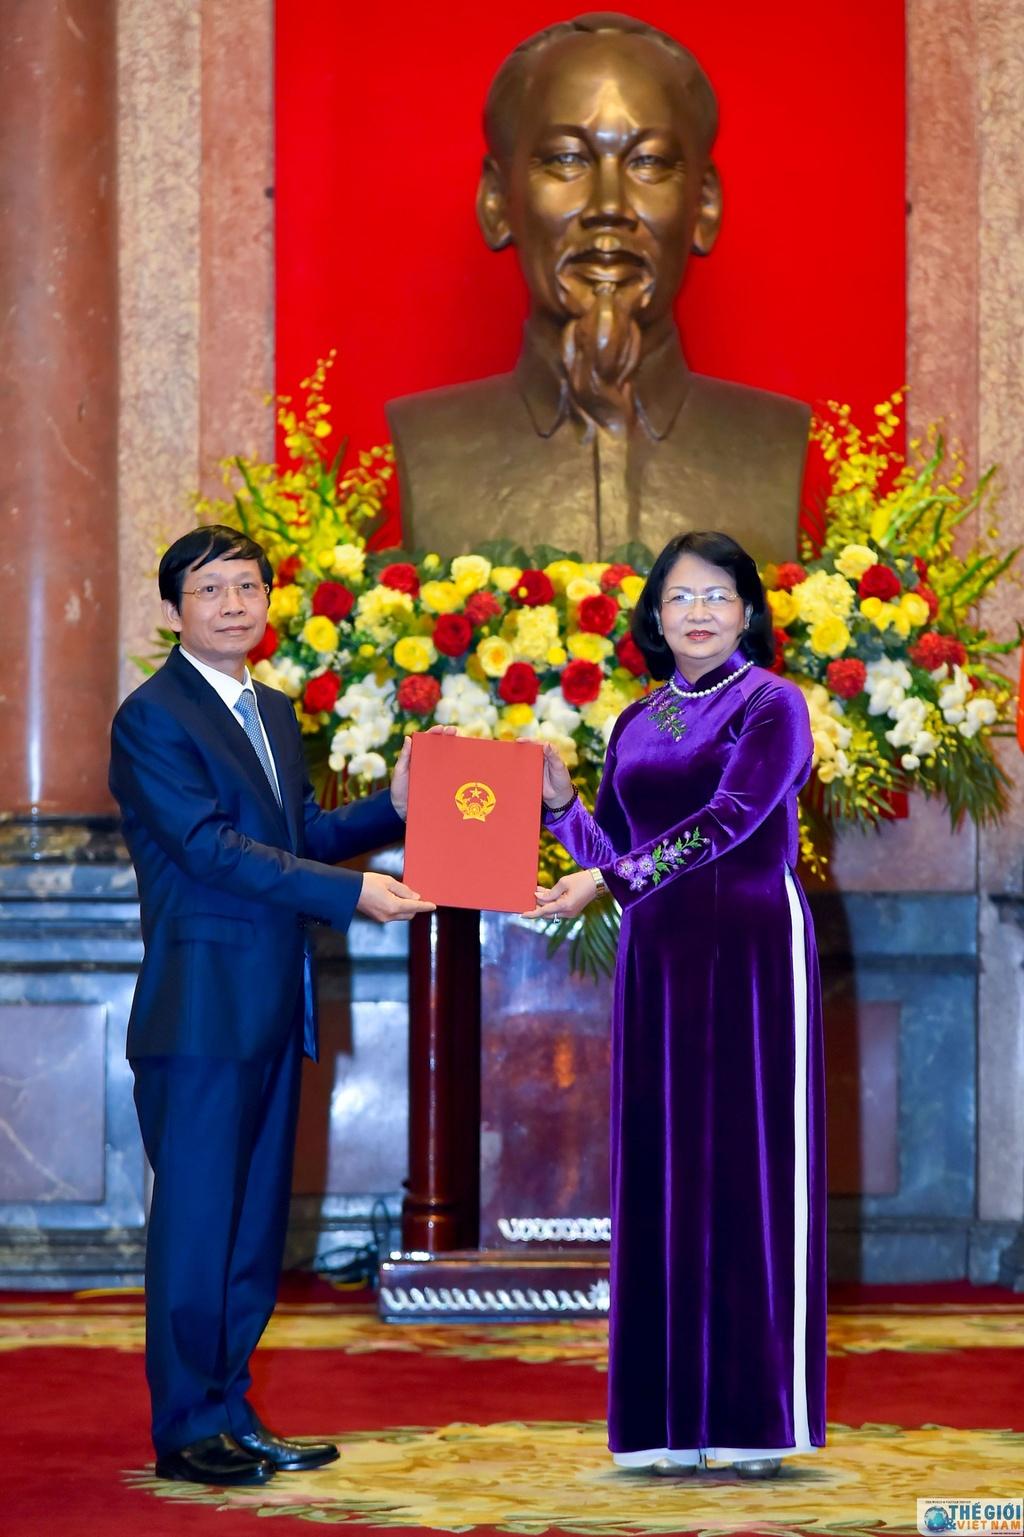 Viet Nam trao quyet dinh phong ham Dai su cho can bo ngoai giao hinh anh 12 trao_quyet_dinh_phong_ham_dai_su_cho_can_bo_ngoai_giao_7.jpg